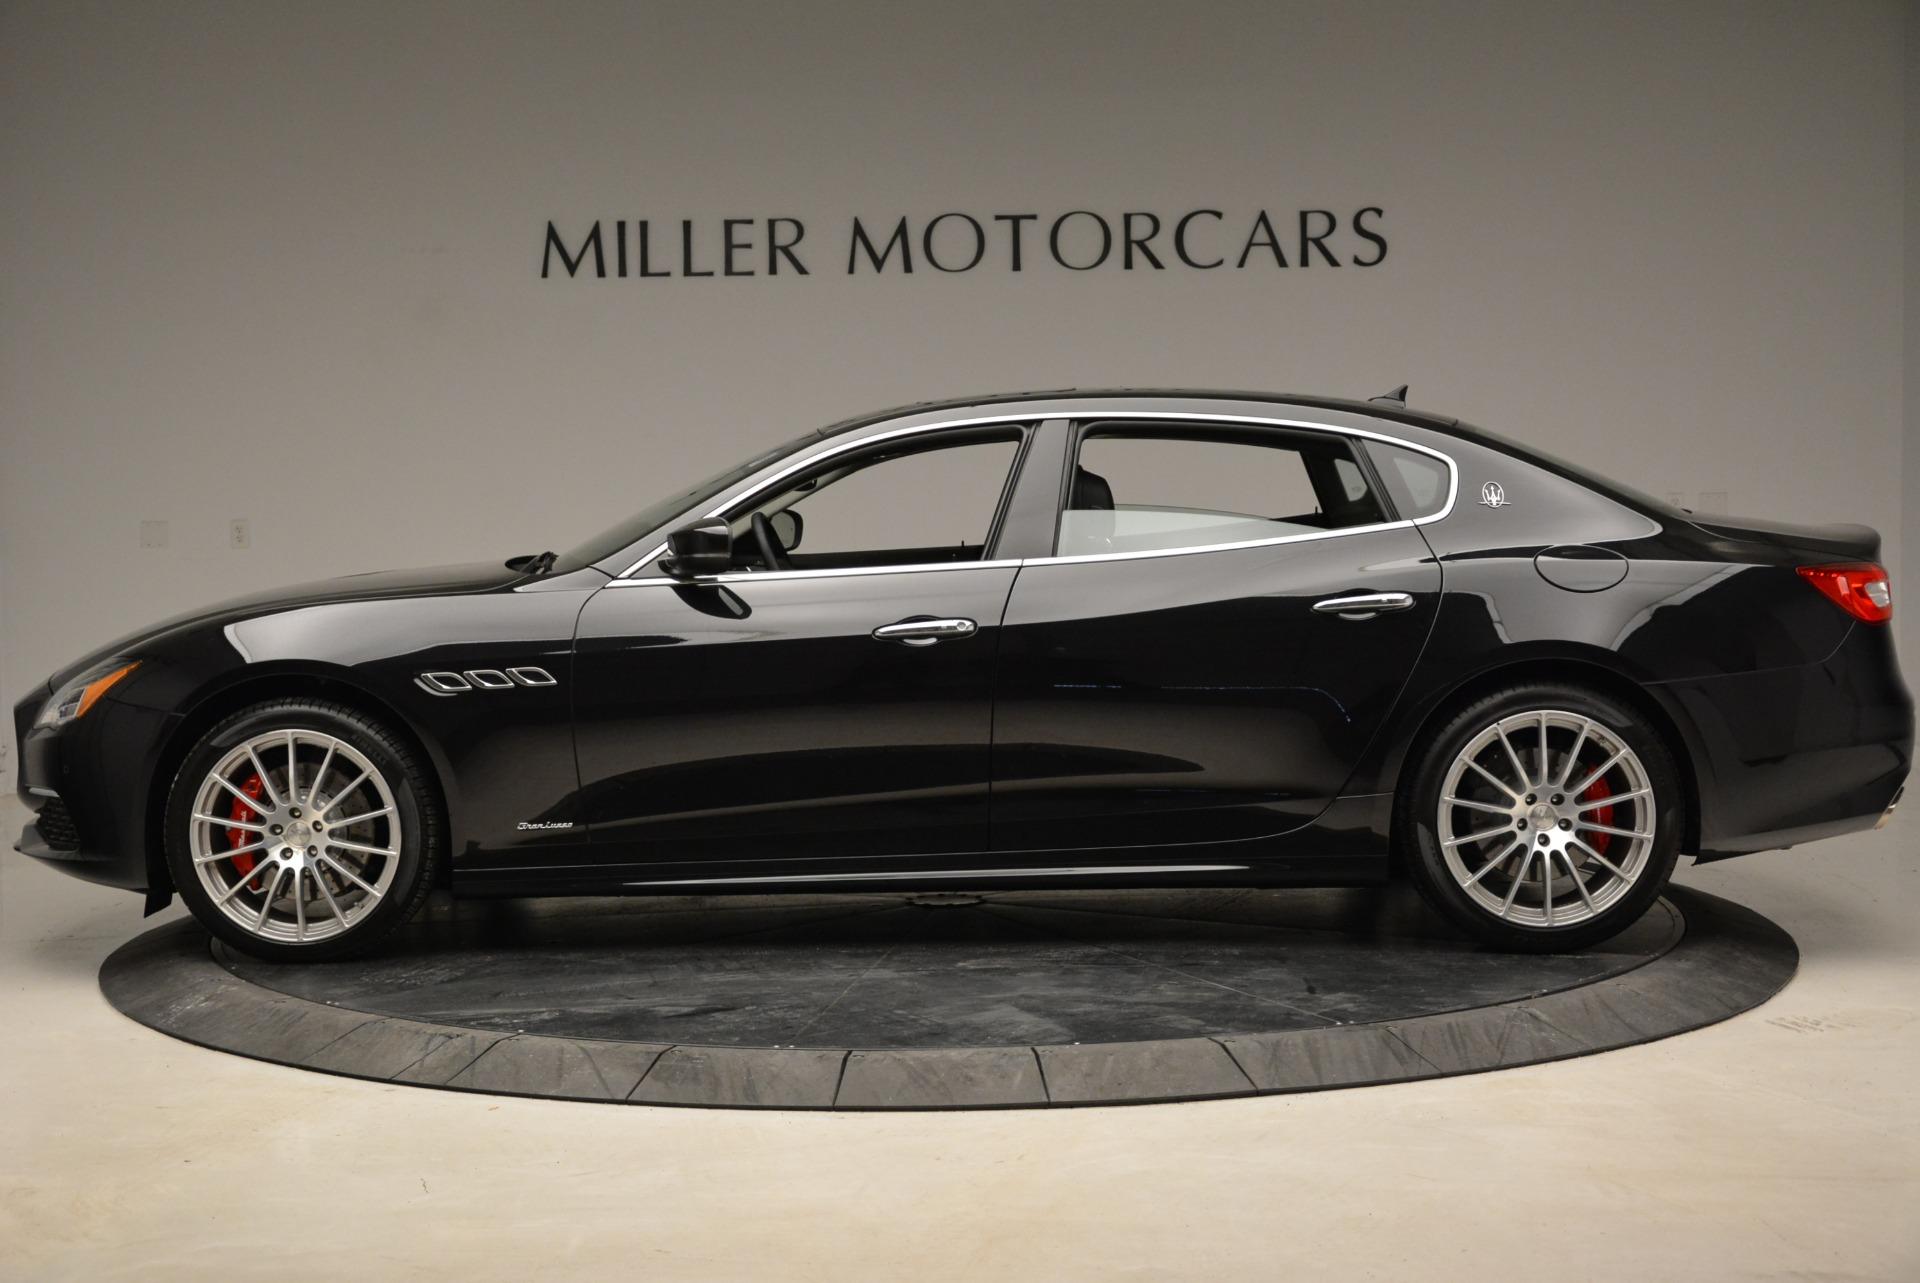 New 2018 Maserati Quattroporte S Q4 GranLusso For Sale In Westport, CT 2386_p3